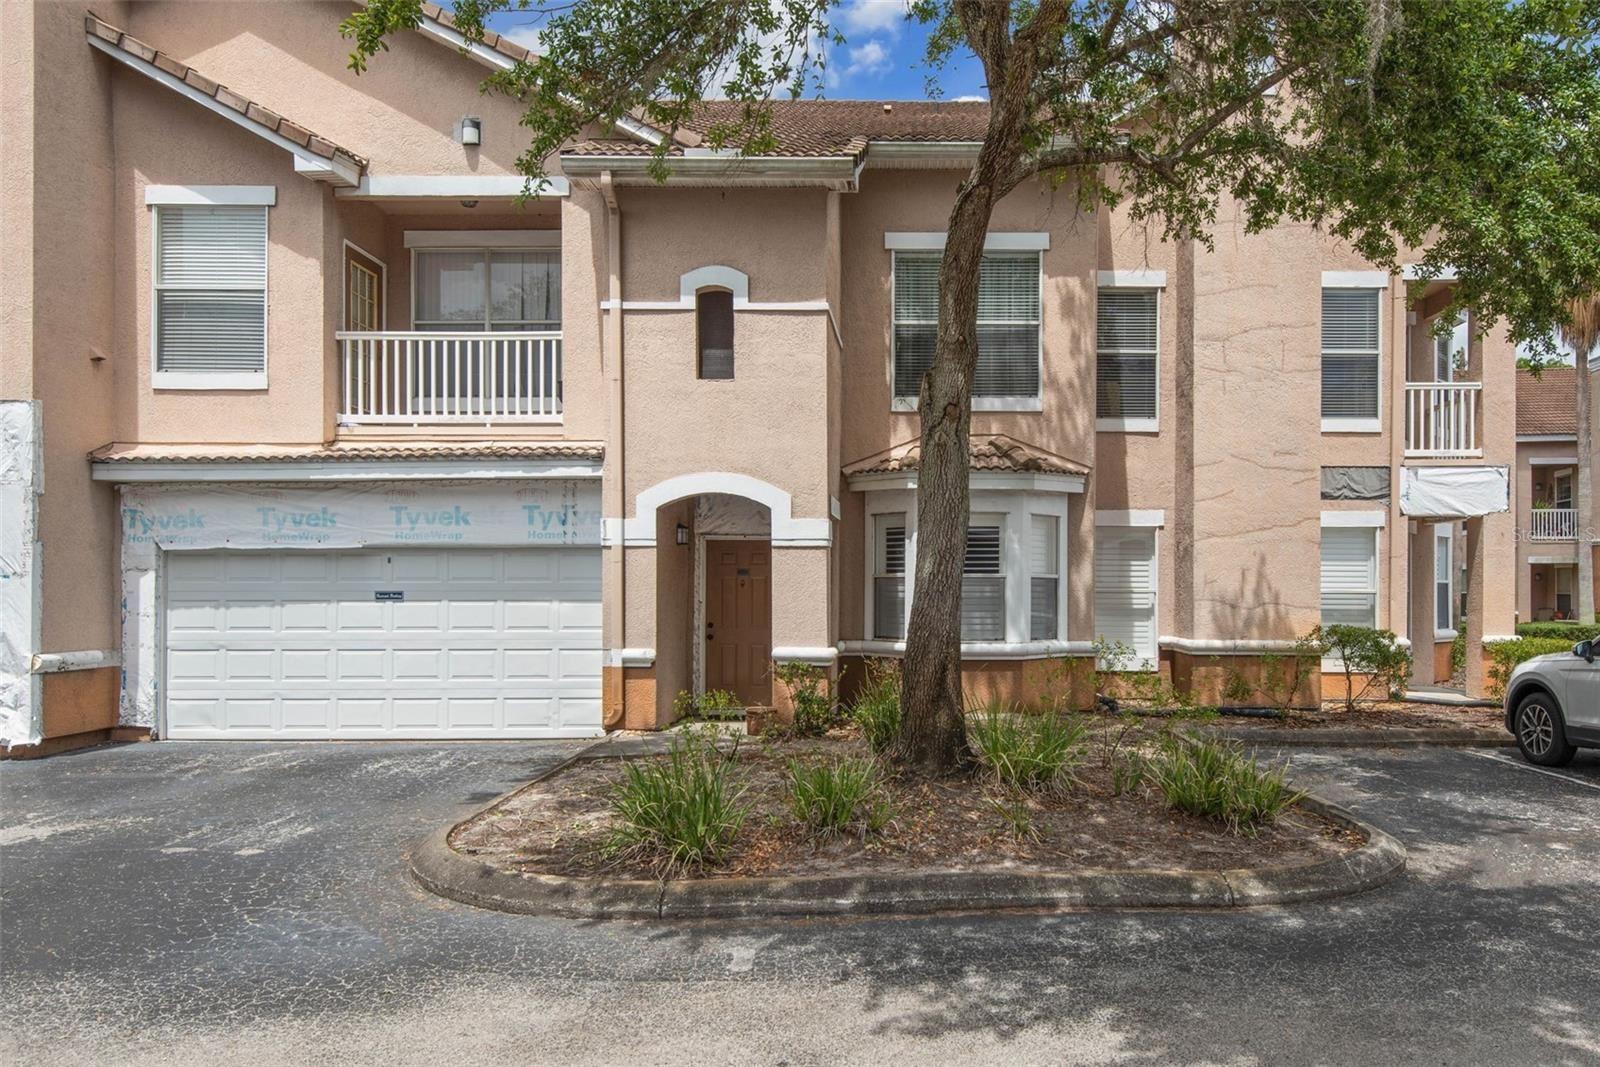 18103 VILLA CREEK DRIVE #18103, Tampa, FL 33647 - MLS#: T3310847